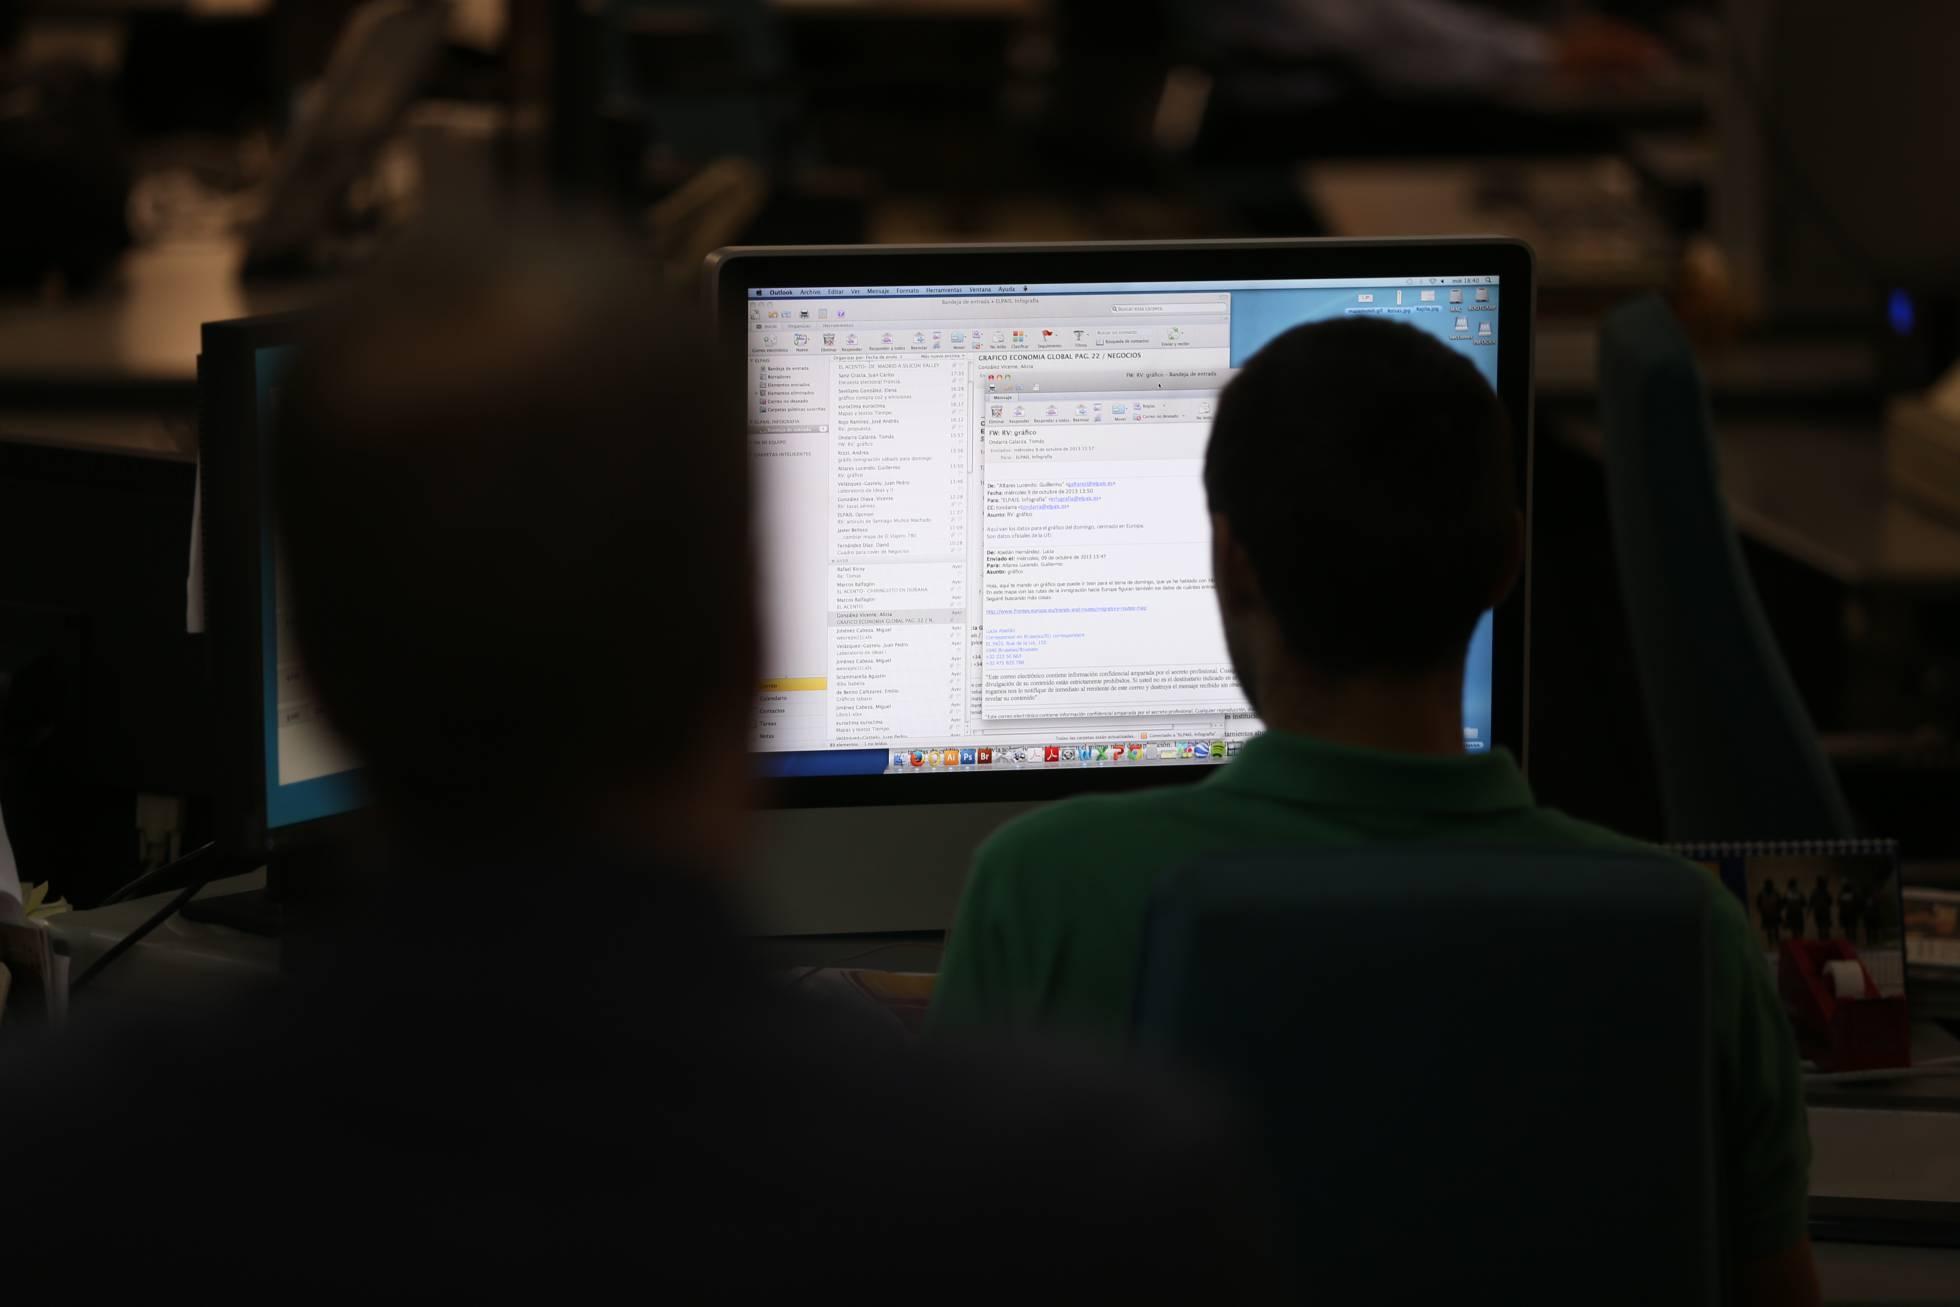 Empresas têm direito a ler conversas dos funcionários em horário de trabalho